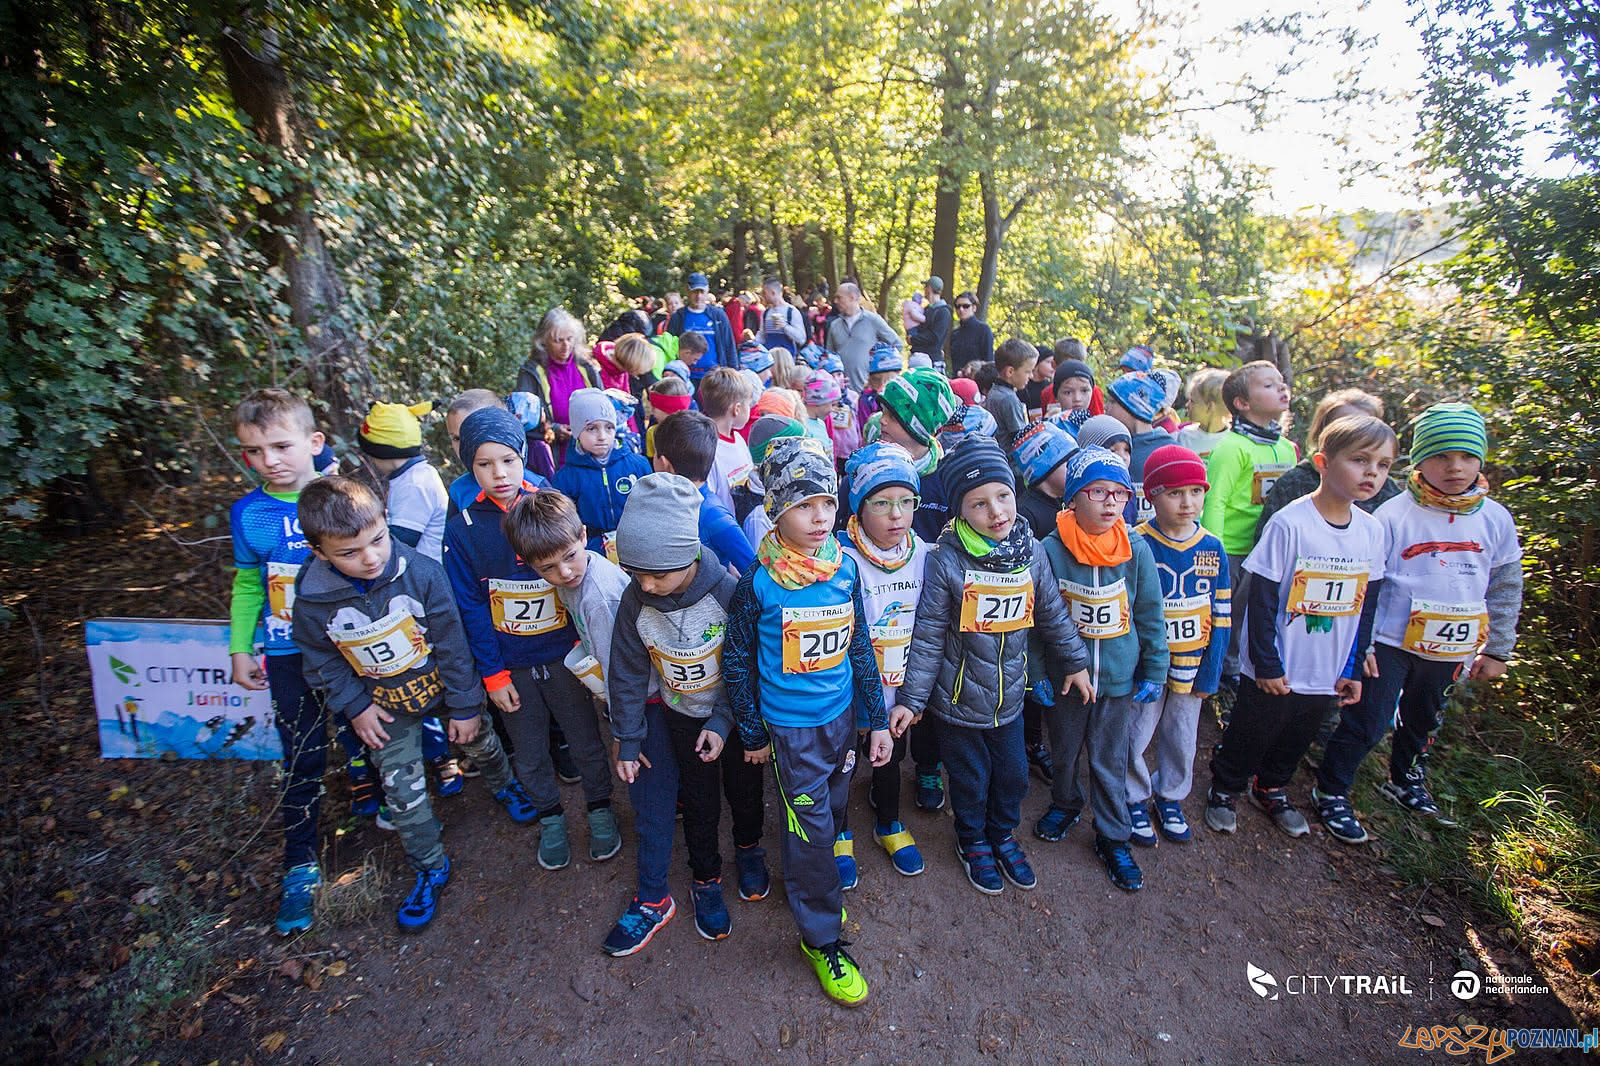 CITY TRAIL - bieganie nad Rusałką(5)  Foto: materiały prasowe